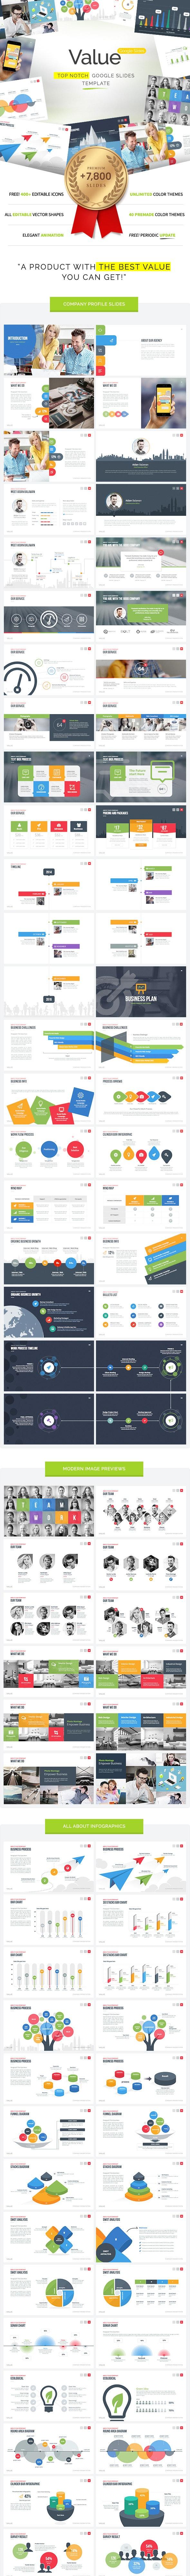 Value - Google Slides Template - Google Slides Presentation Templates